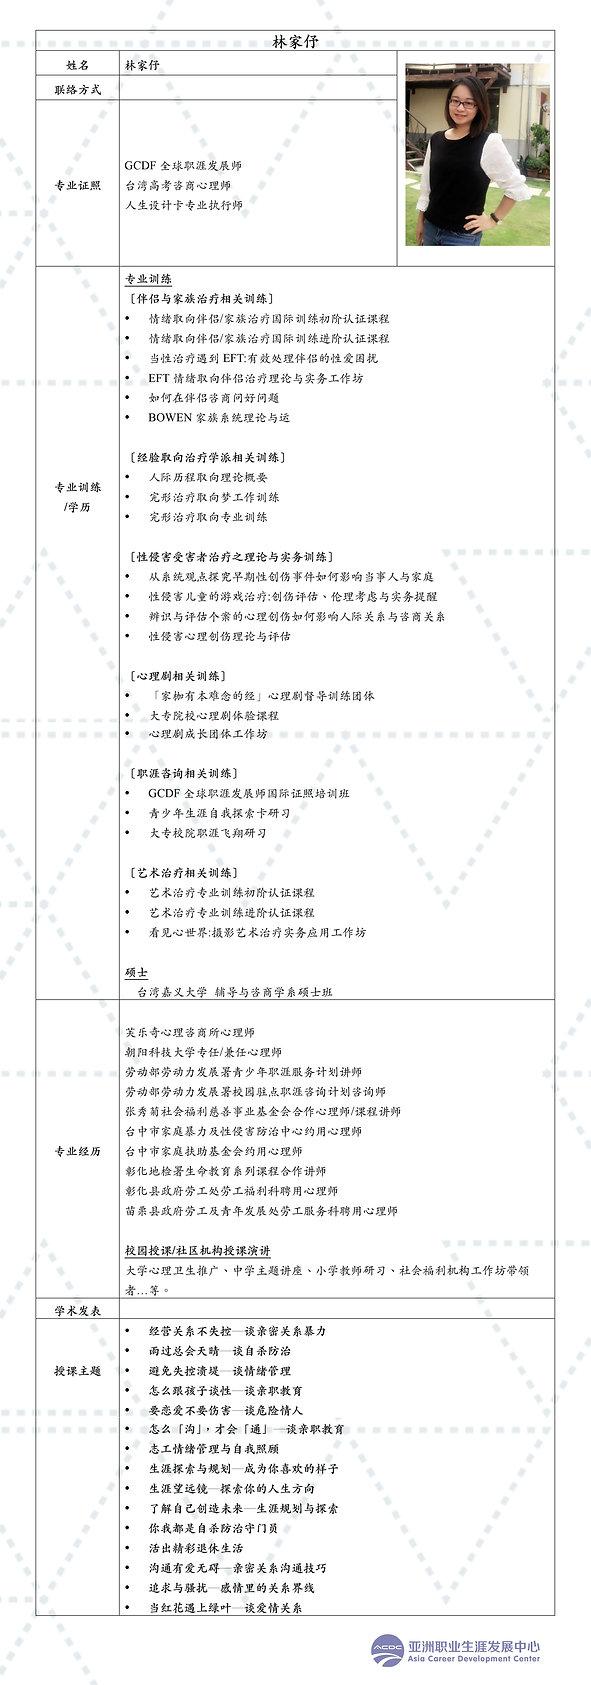 _林家伃_咨詢師简历.jpg